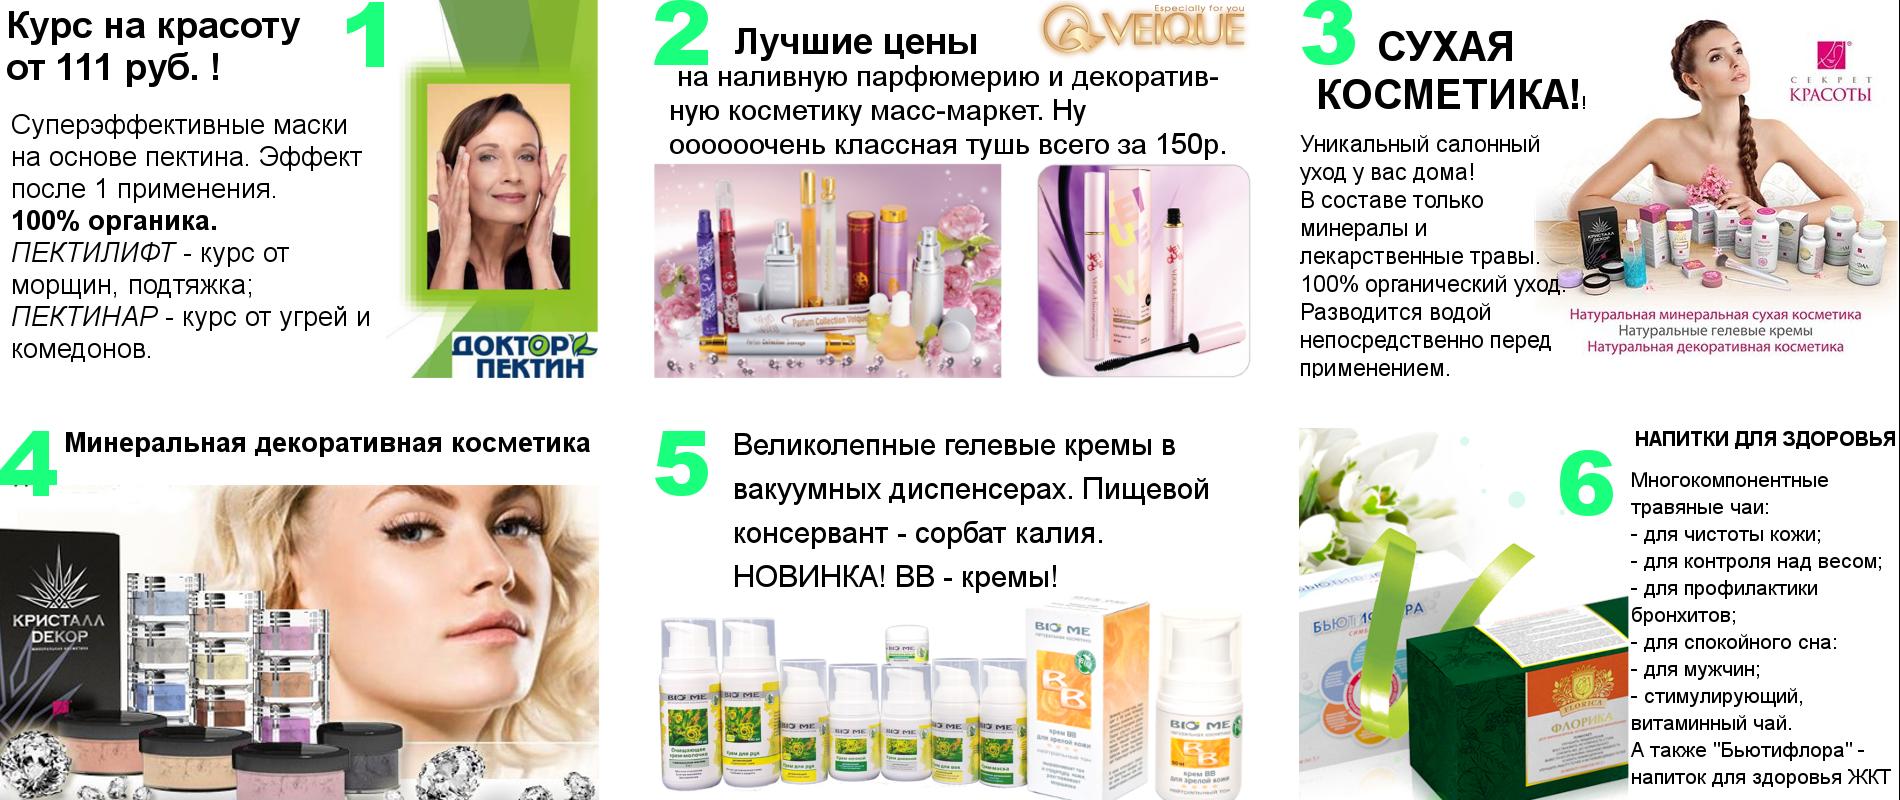 АНОНС закупок по косметике на апрель-май!